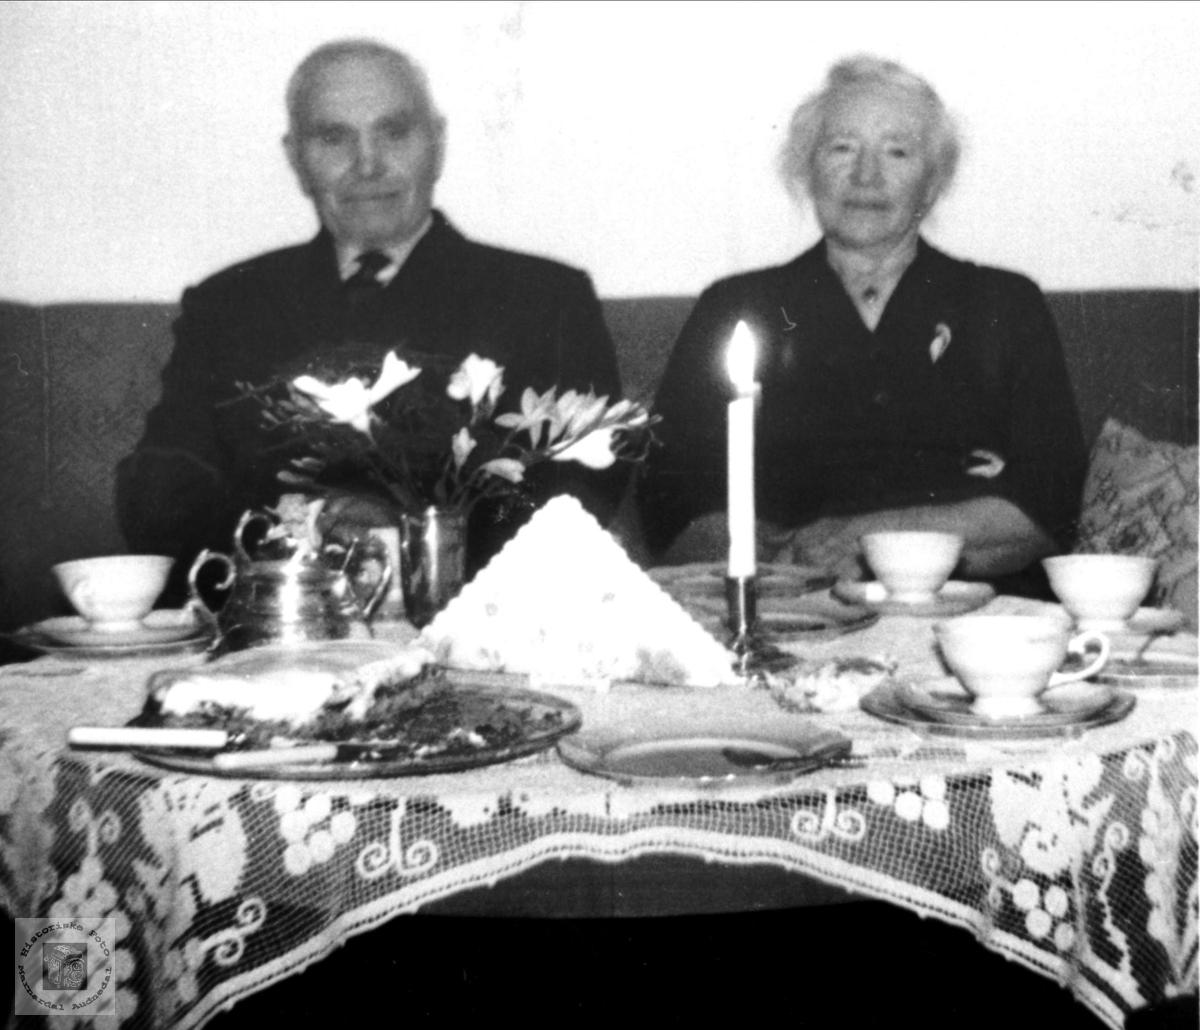 Gullbrudepar. Olav O. og Maren Lauvdal.